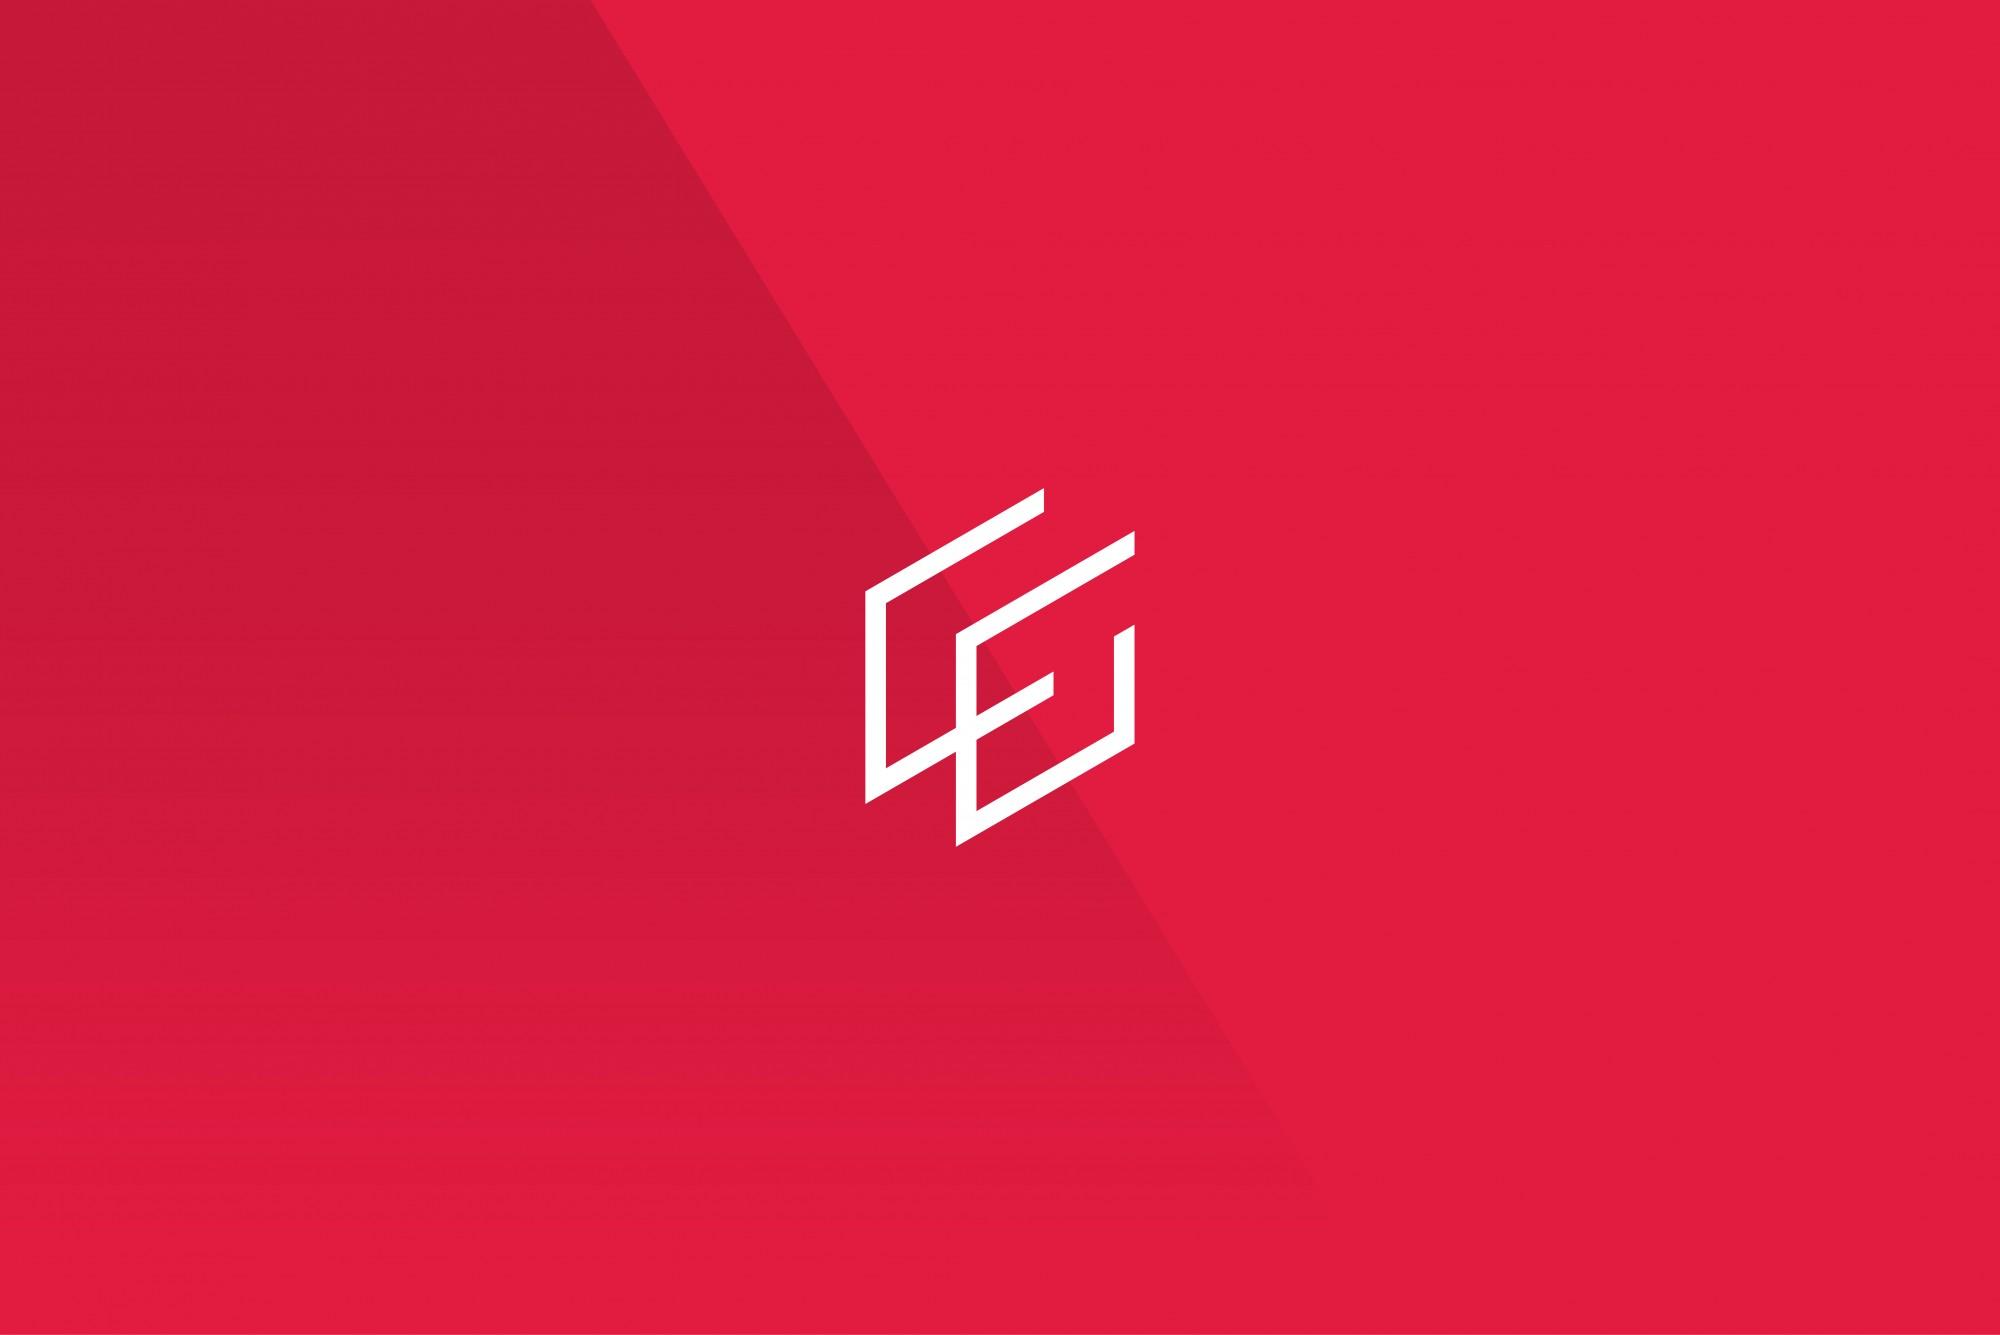 Cover image: CEG | Callan Electrical Group